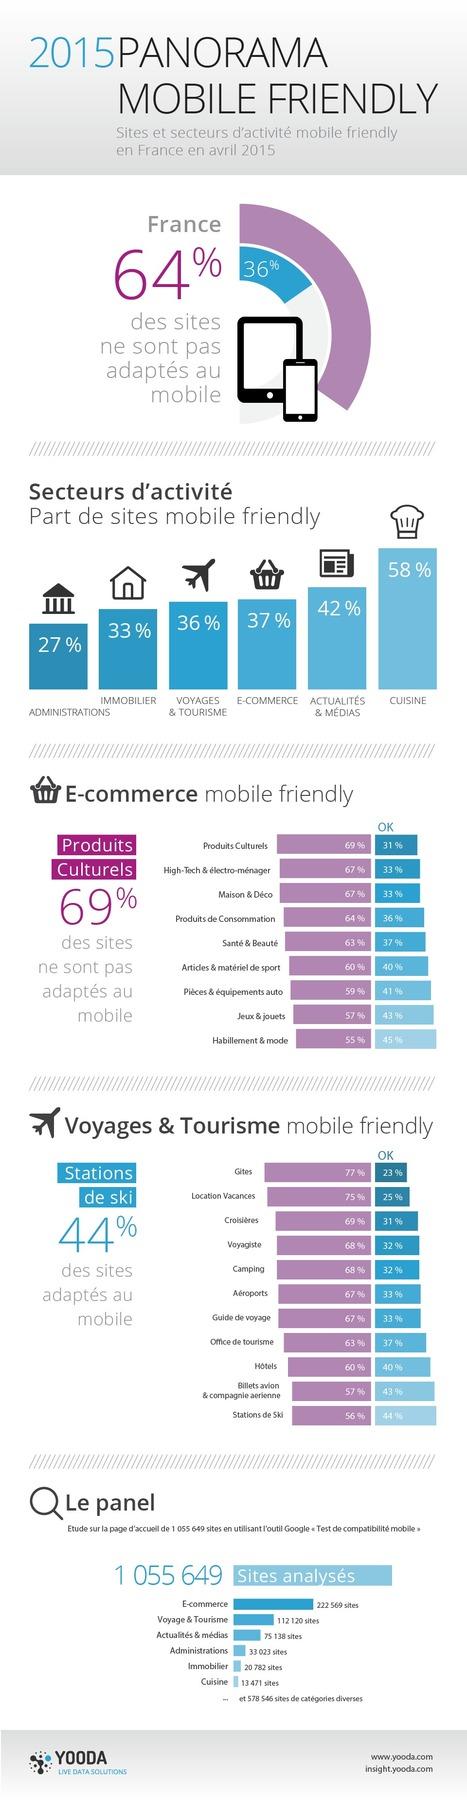 [Infographie] La compatibilité mobile des sites français | Médias sociaux : actualités et pépites du web | Scoop.it